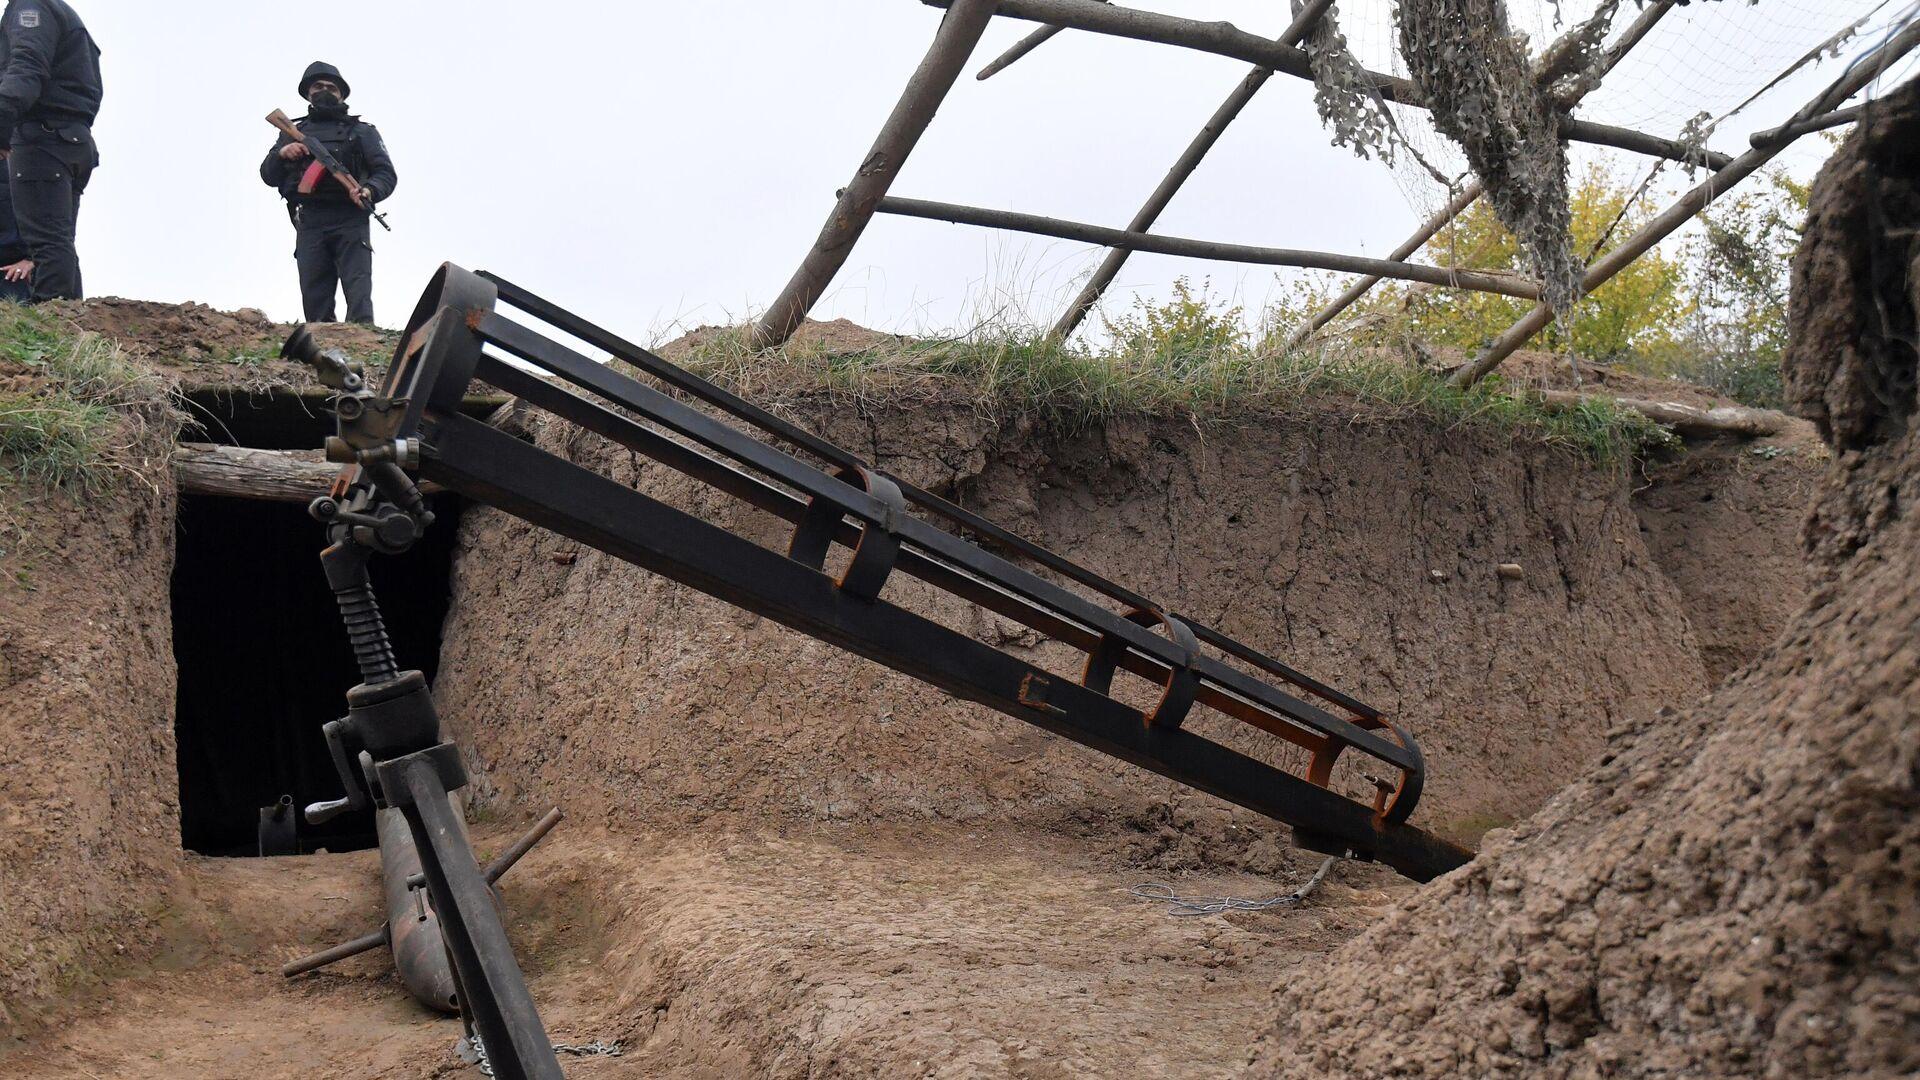 Кустарная пусковая установка для снарядов, оставленная в Физулинском районе Азербайджана - РИА Новости, 1920, 24.06.2021